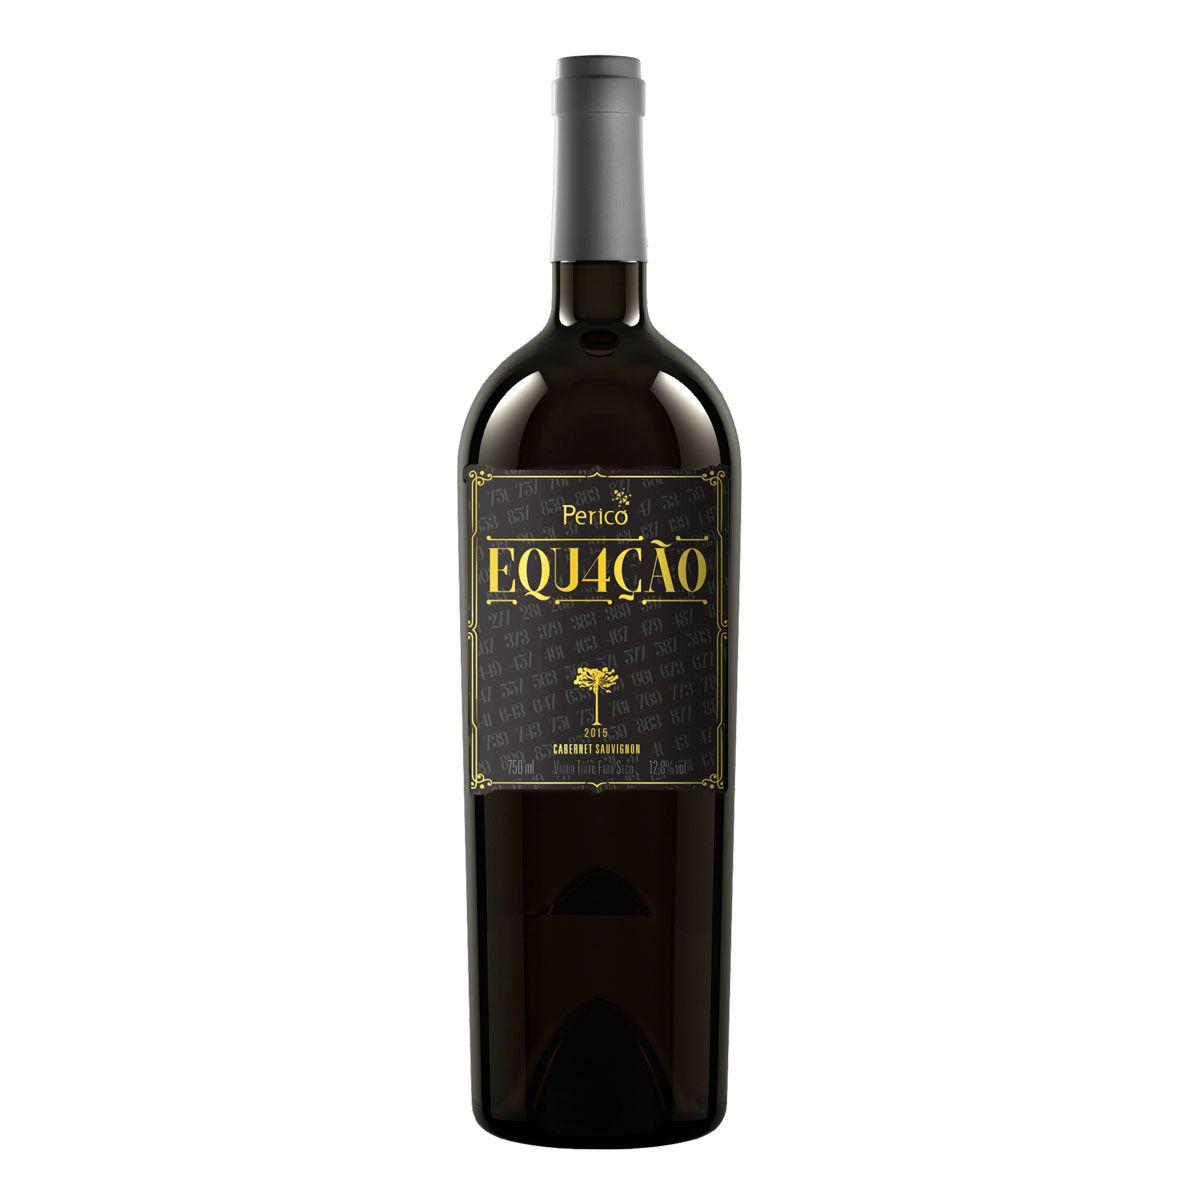 Vinho Fino Tinto Seco Pericó Equação 2015 750ml